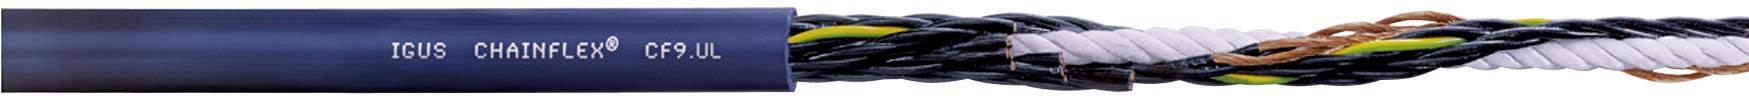 Řídicí kabelové vedení igus Chainflex® (CF9.10.04), 4x 1 mm², Ø 6,5 mm, 1 m, modrá